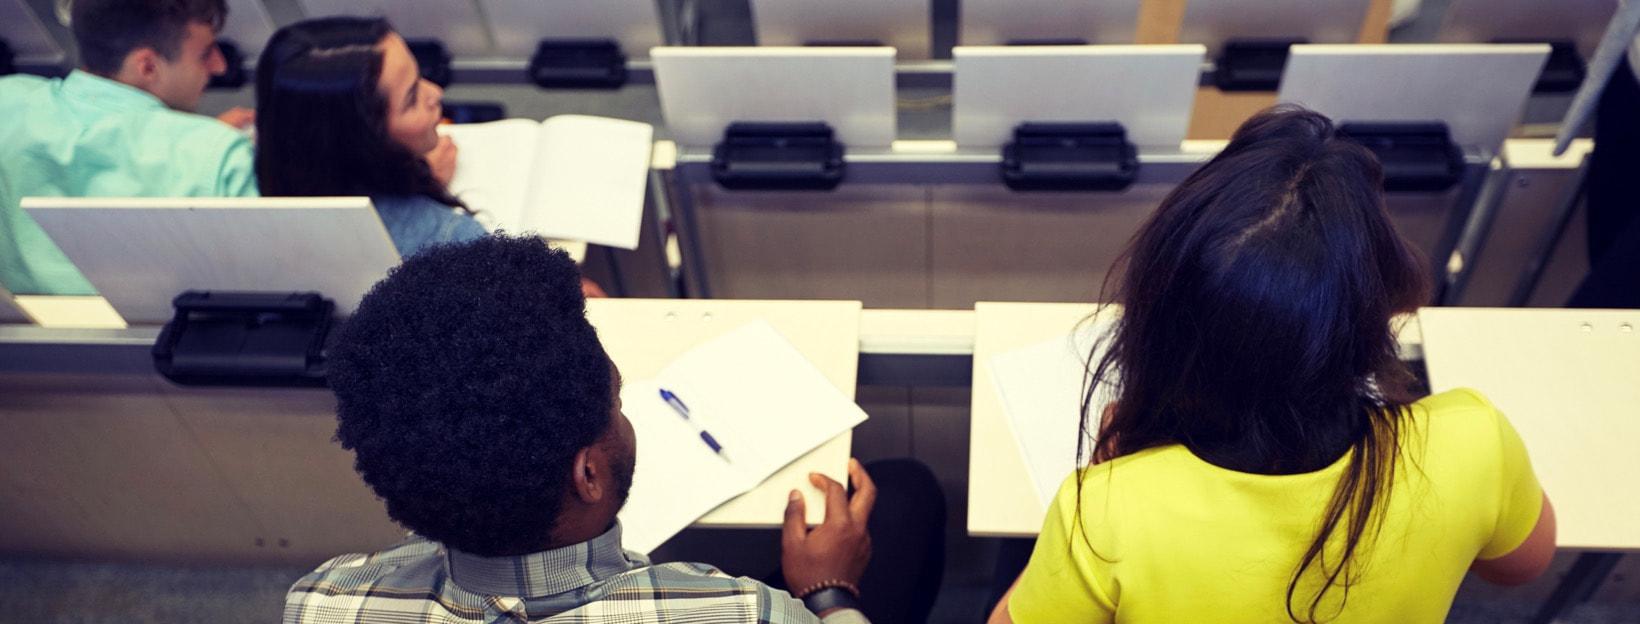 Erfolgreicher Studienbeginn: Studenten im Hörsaal